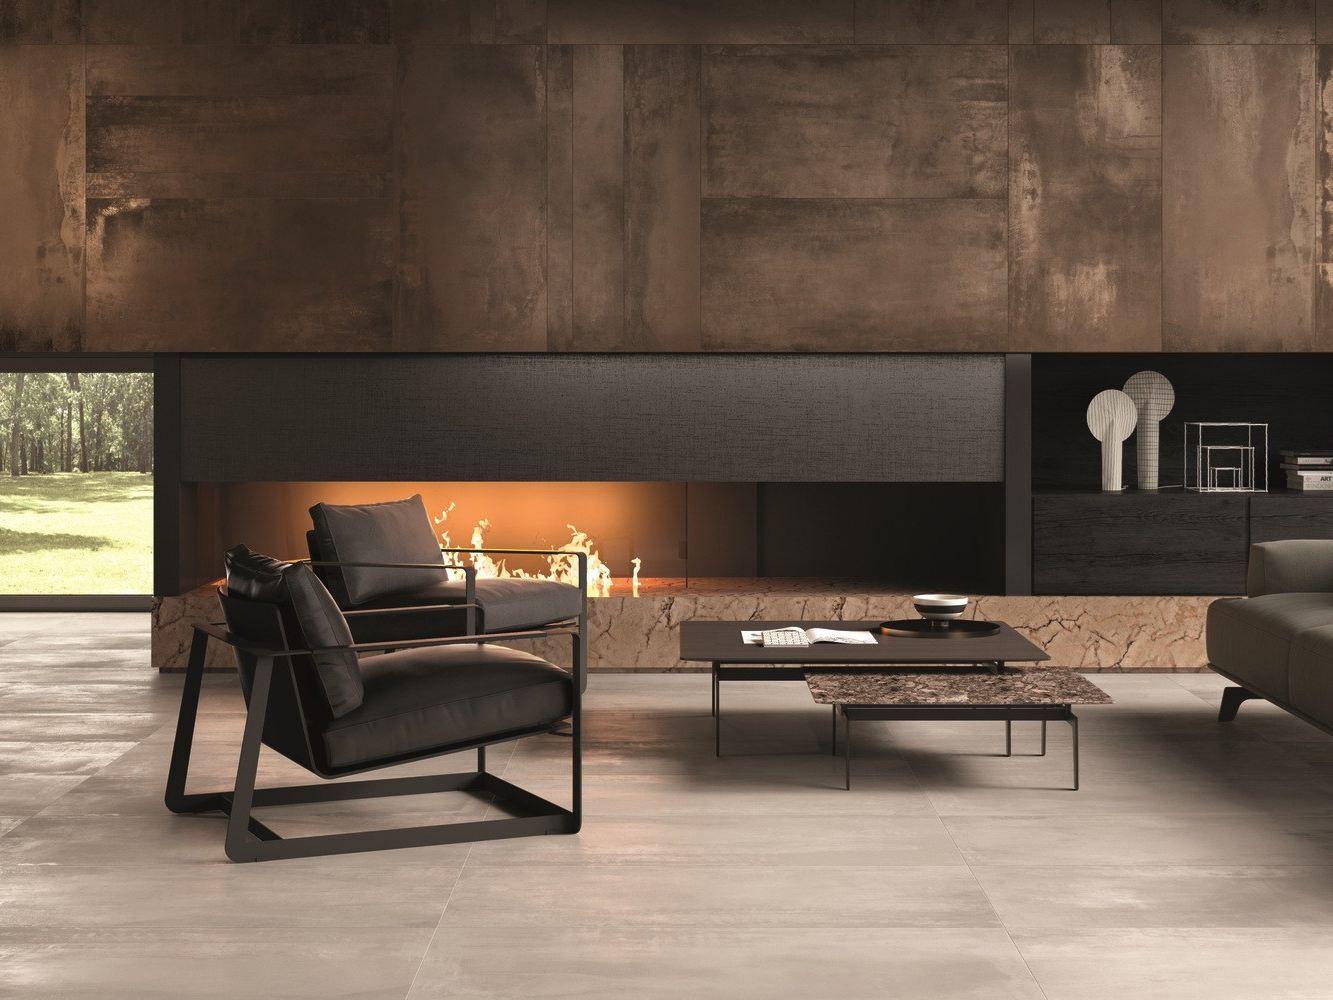 Pavimento rivestimento in gres porcellanato interno 9 by for Pavimento interno moderno